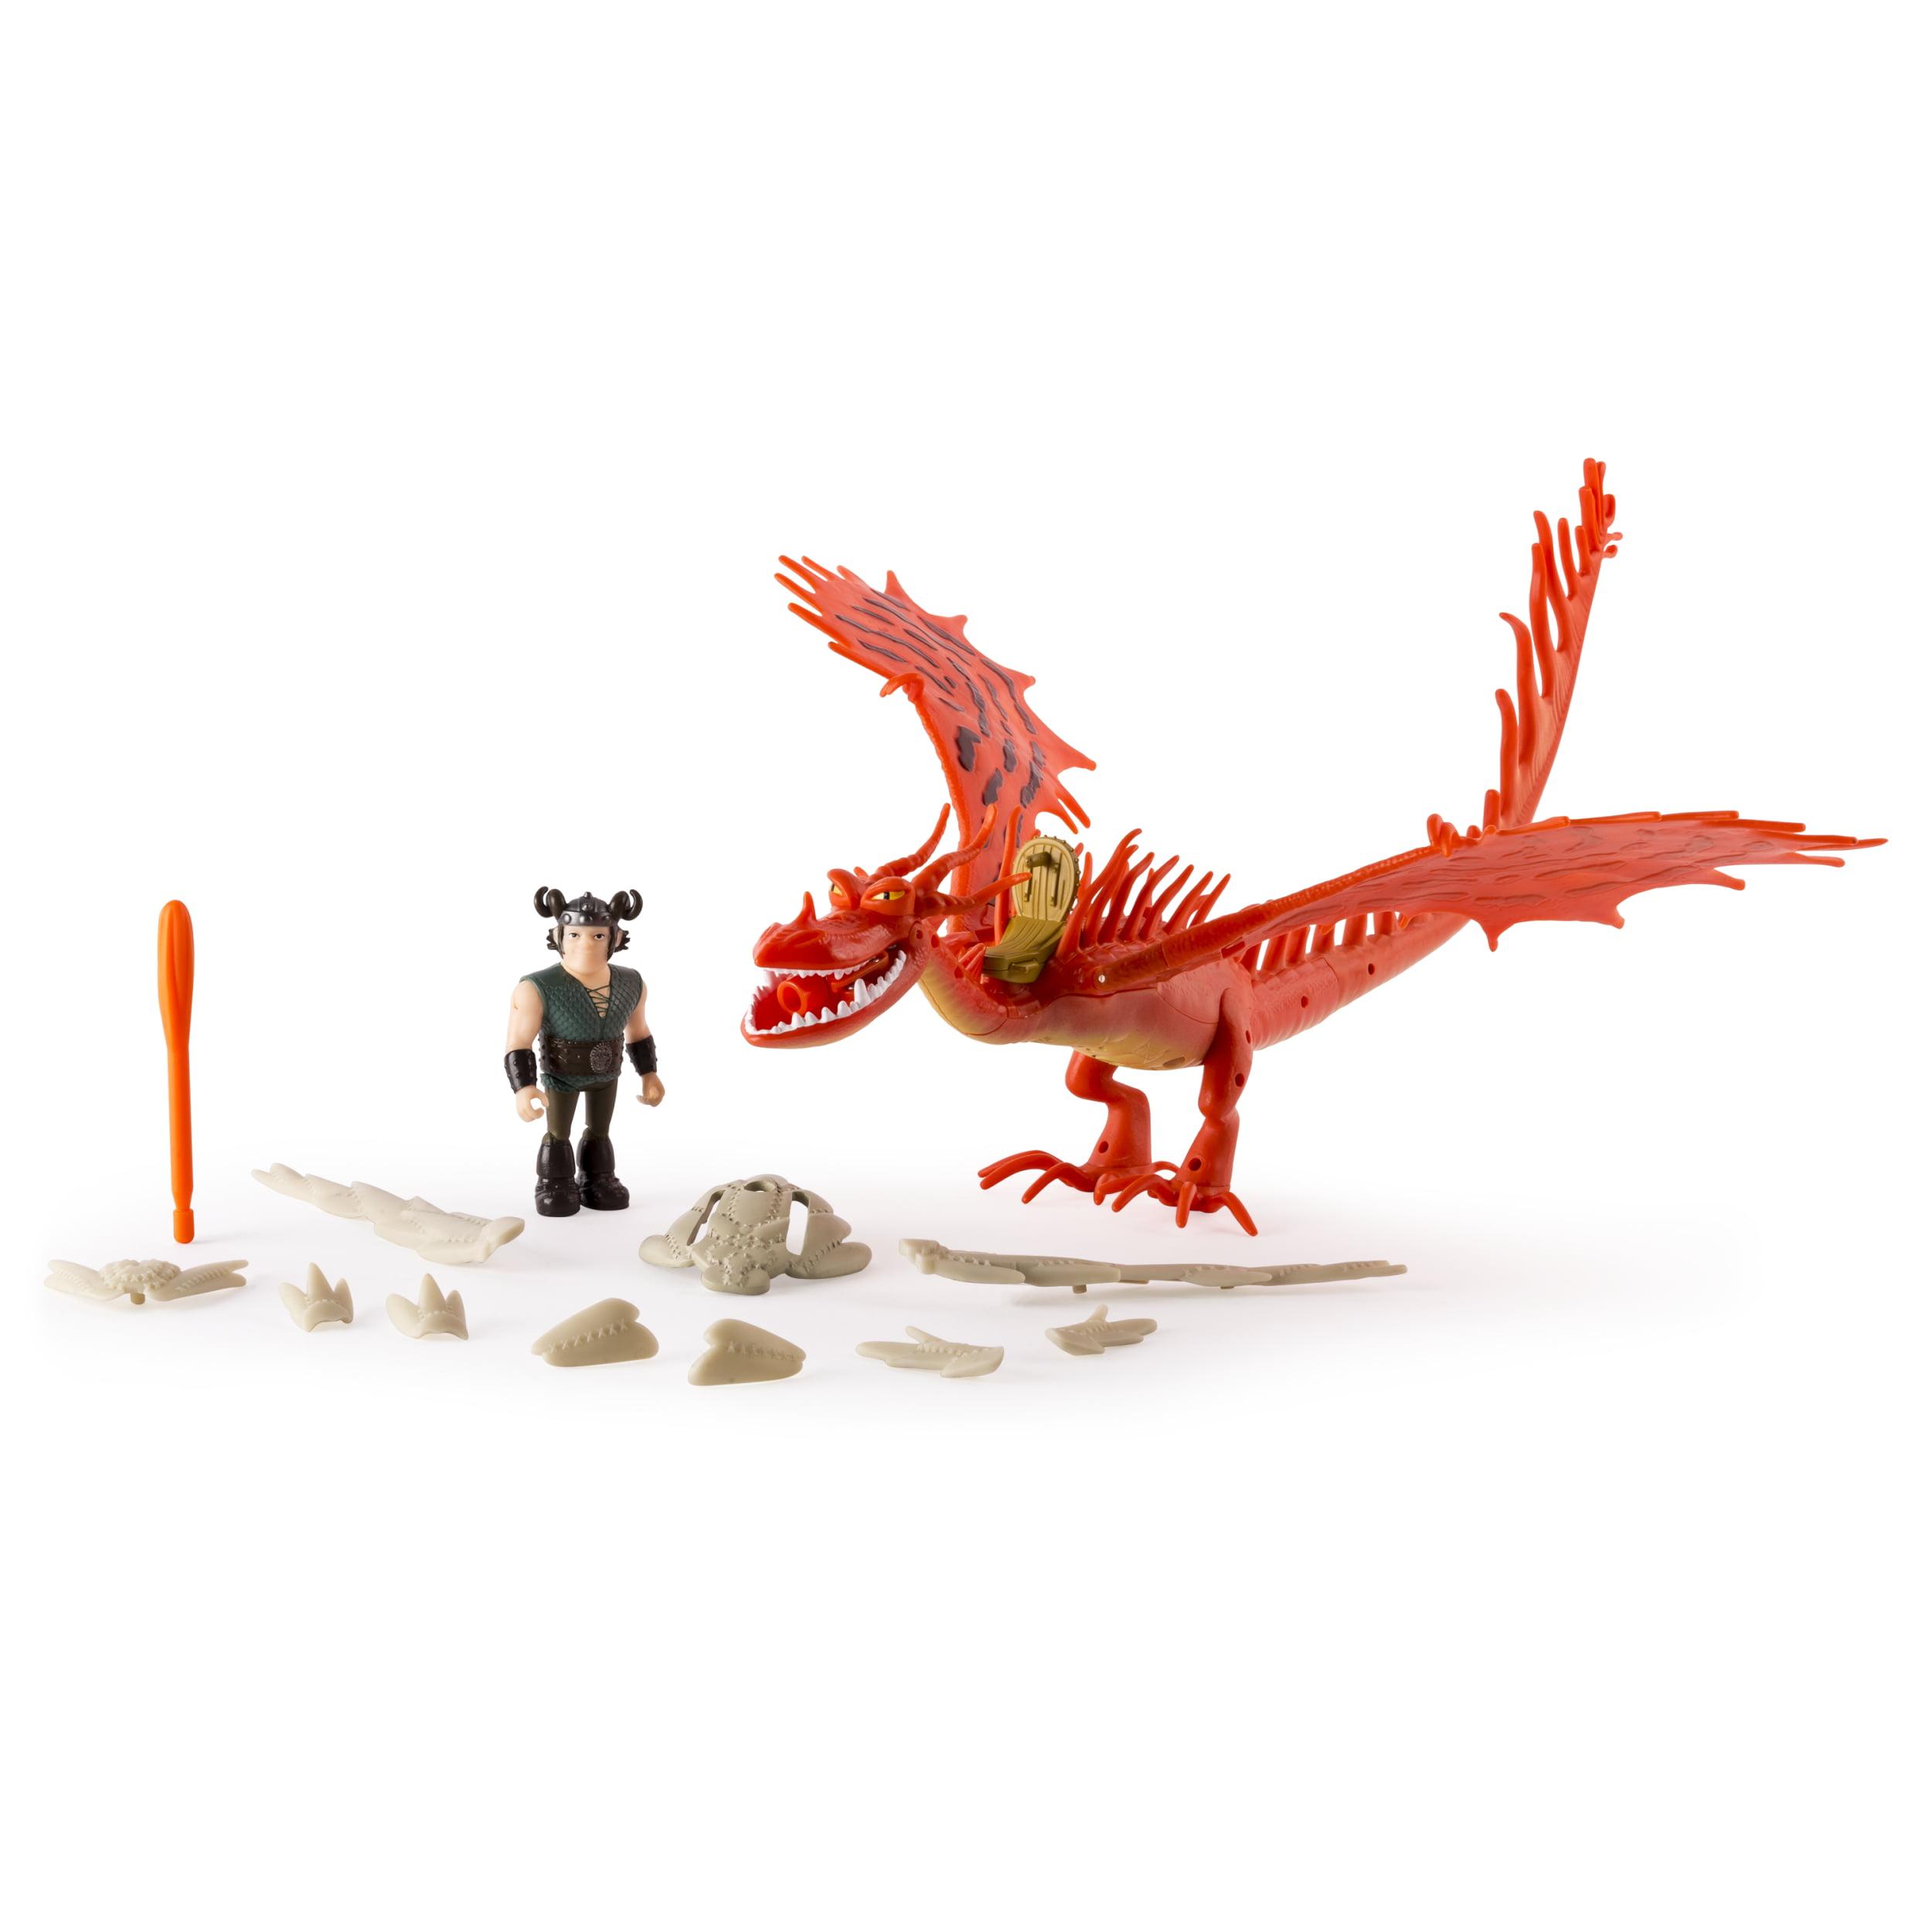 успехом картинки игрушки драконы гонки по краю николай юных лет